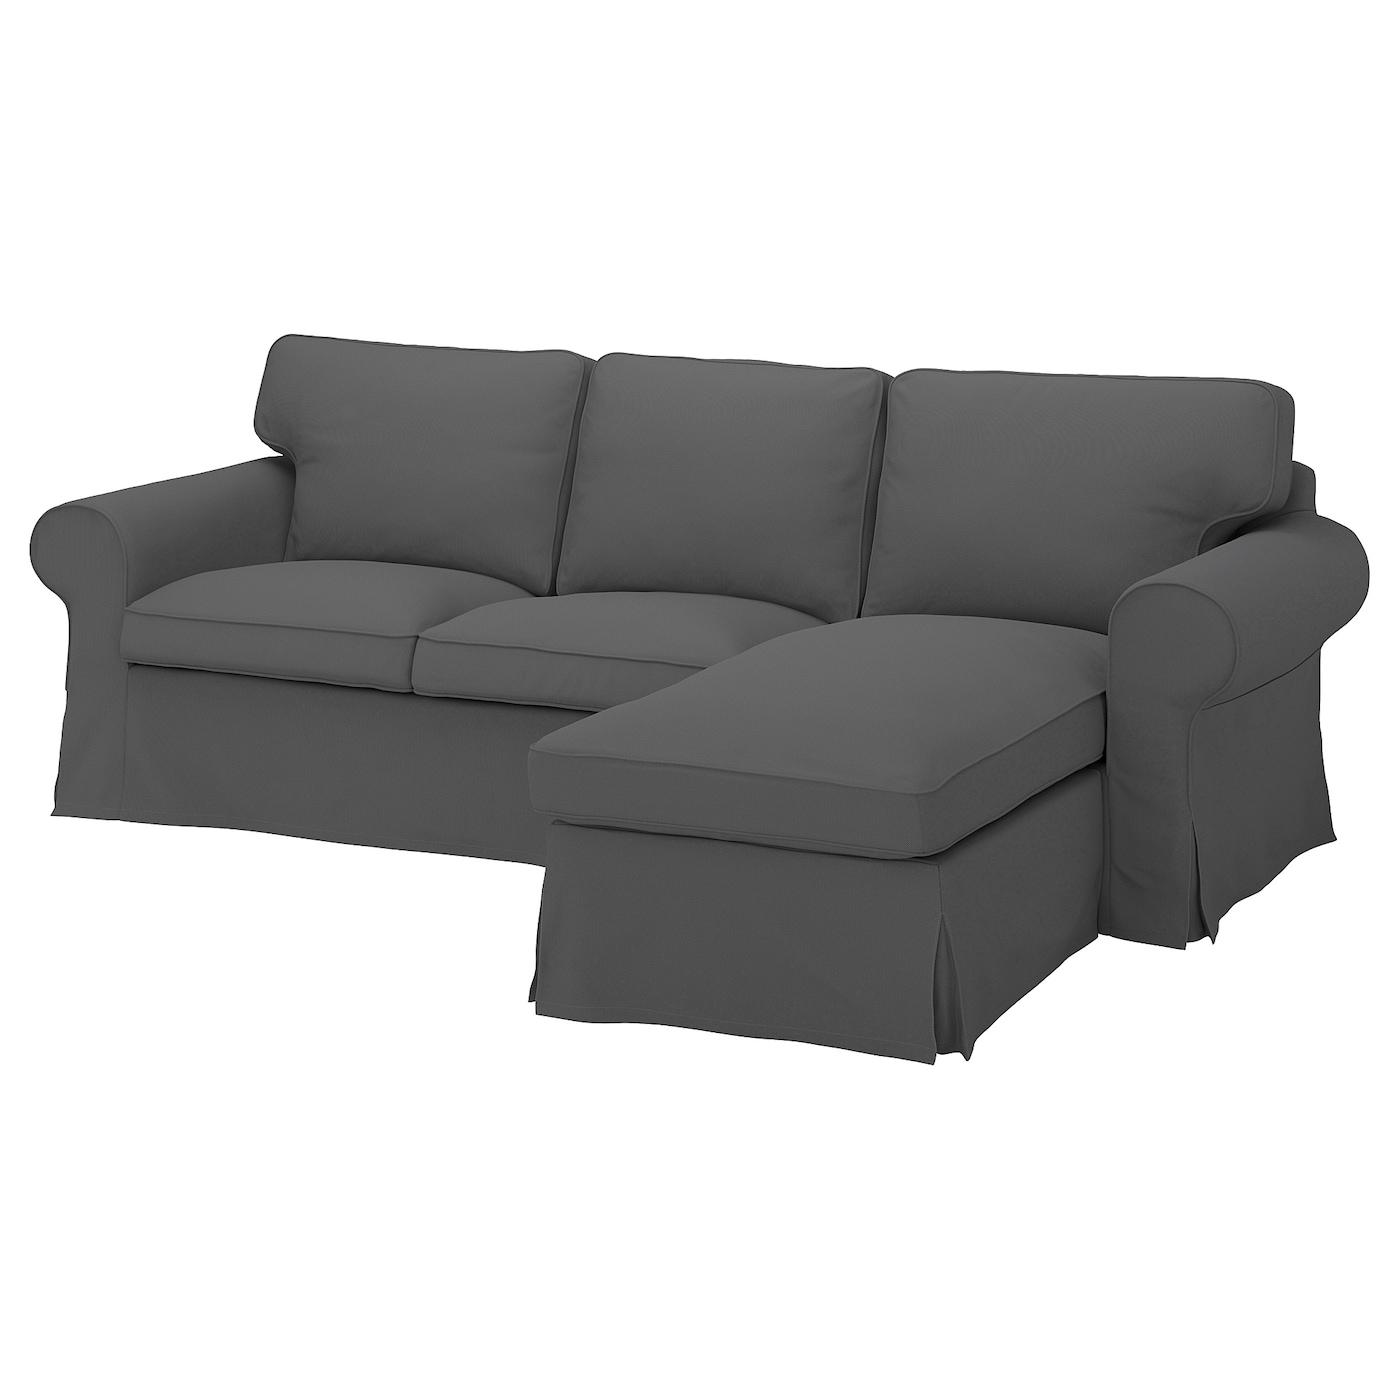 EKTORP 12er Sofa mit Récamiere   Hallarp grau